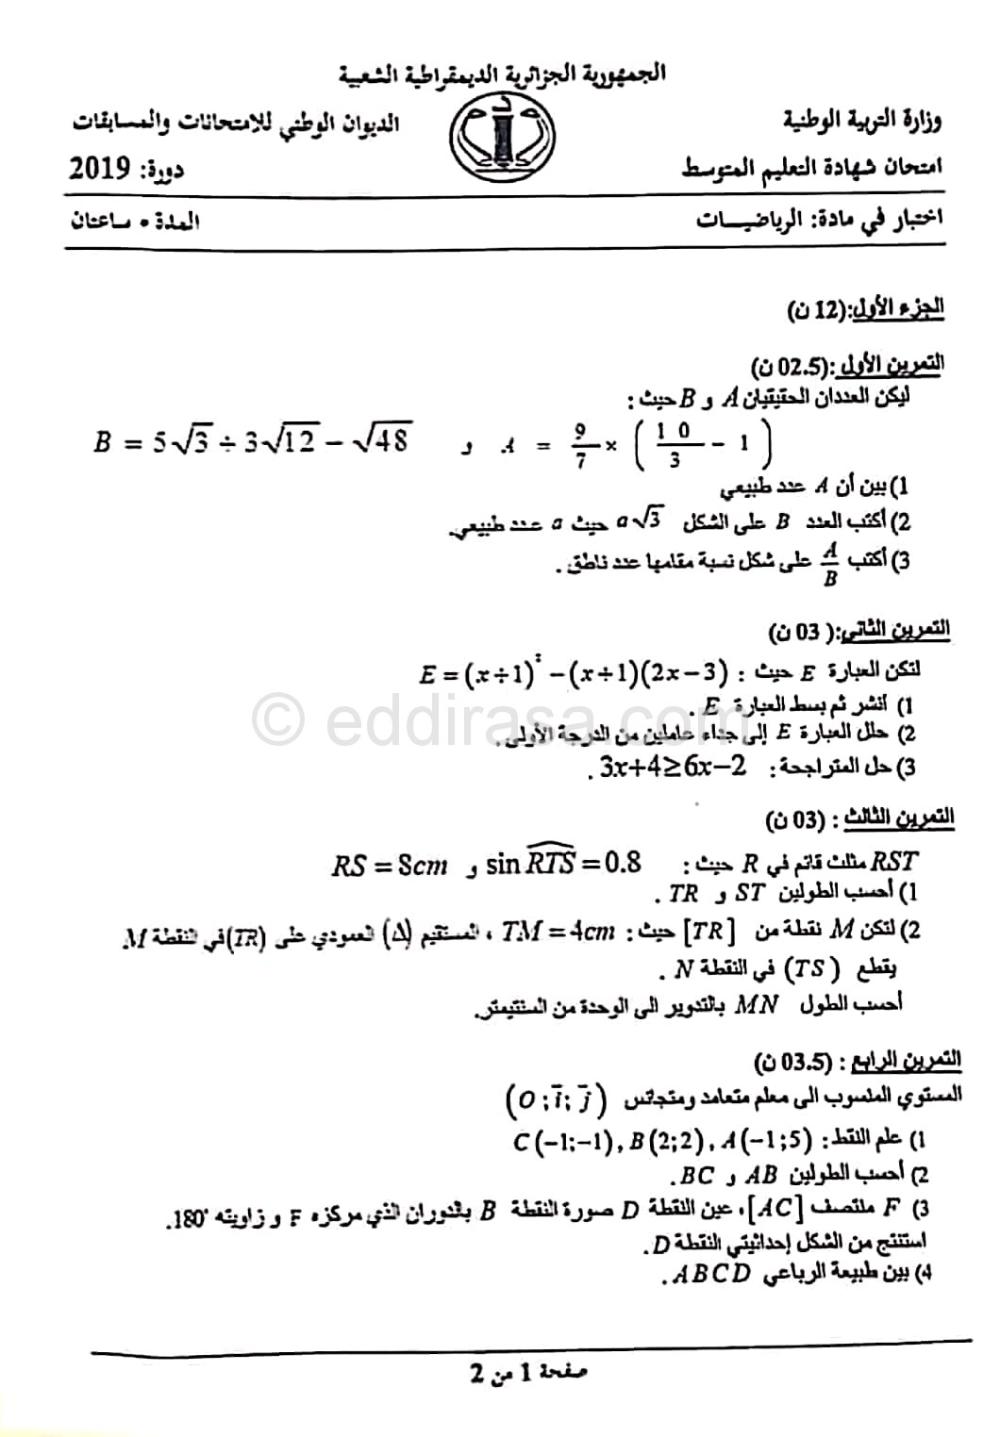 موضوع الرياضيات شهادة التعليم المتوسط 2019 موقع الدراسة الجزائري Math Math Equations